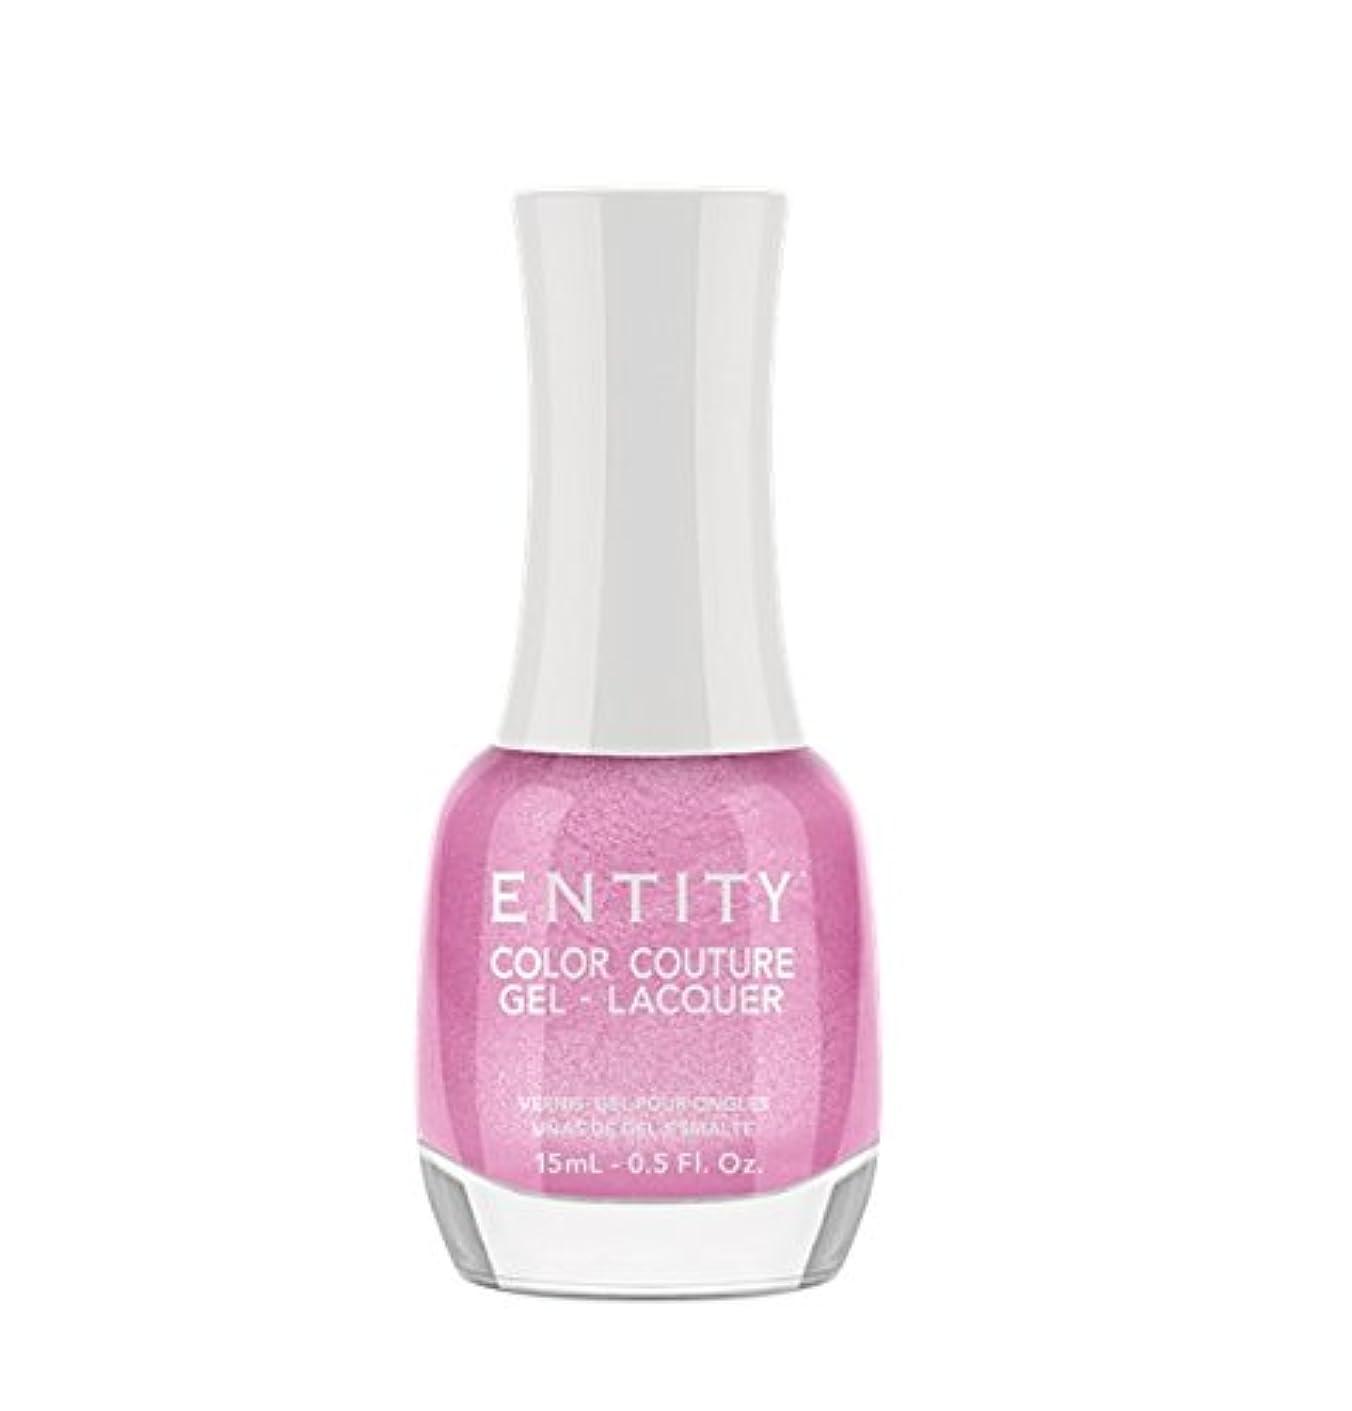 びっくりしたイサカ持参Entity Color Couture Gel-Lacquer - Ruching Pink - 15 ml/0.5 oz